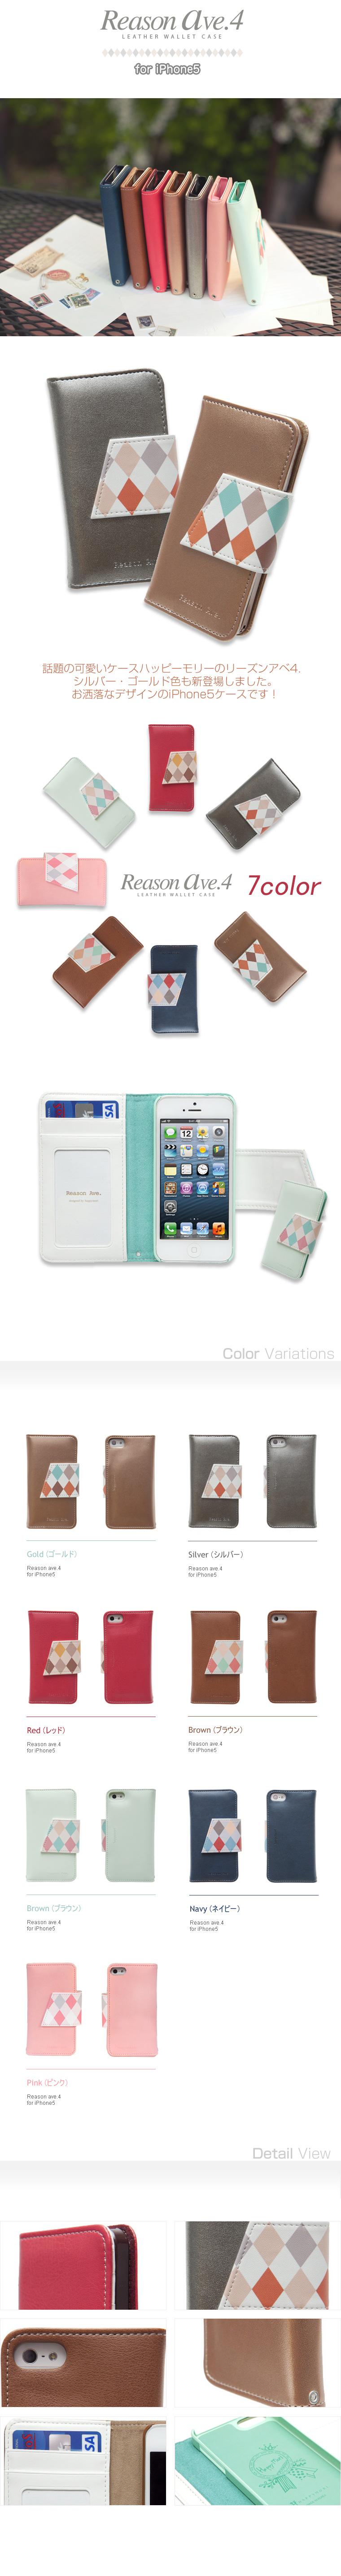 Happymori 【iPhone5】Reason ave.4 Diary (リーズンアベニュー4 ダイアリー) 7カラー